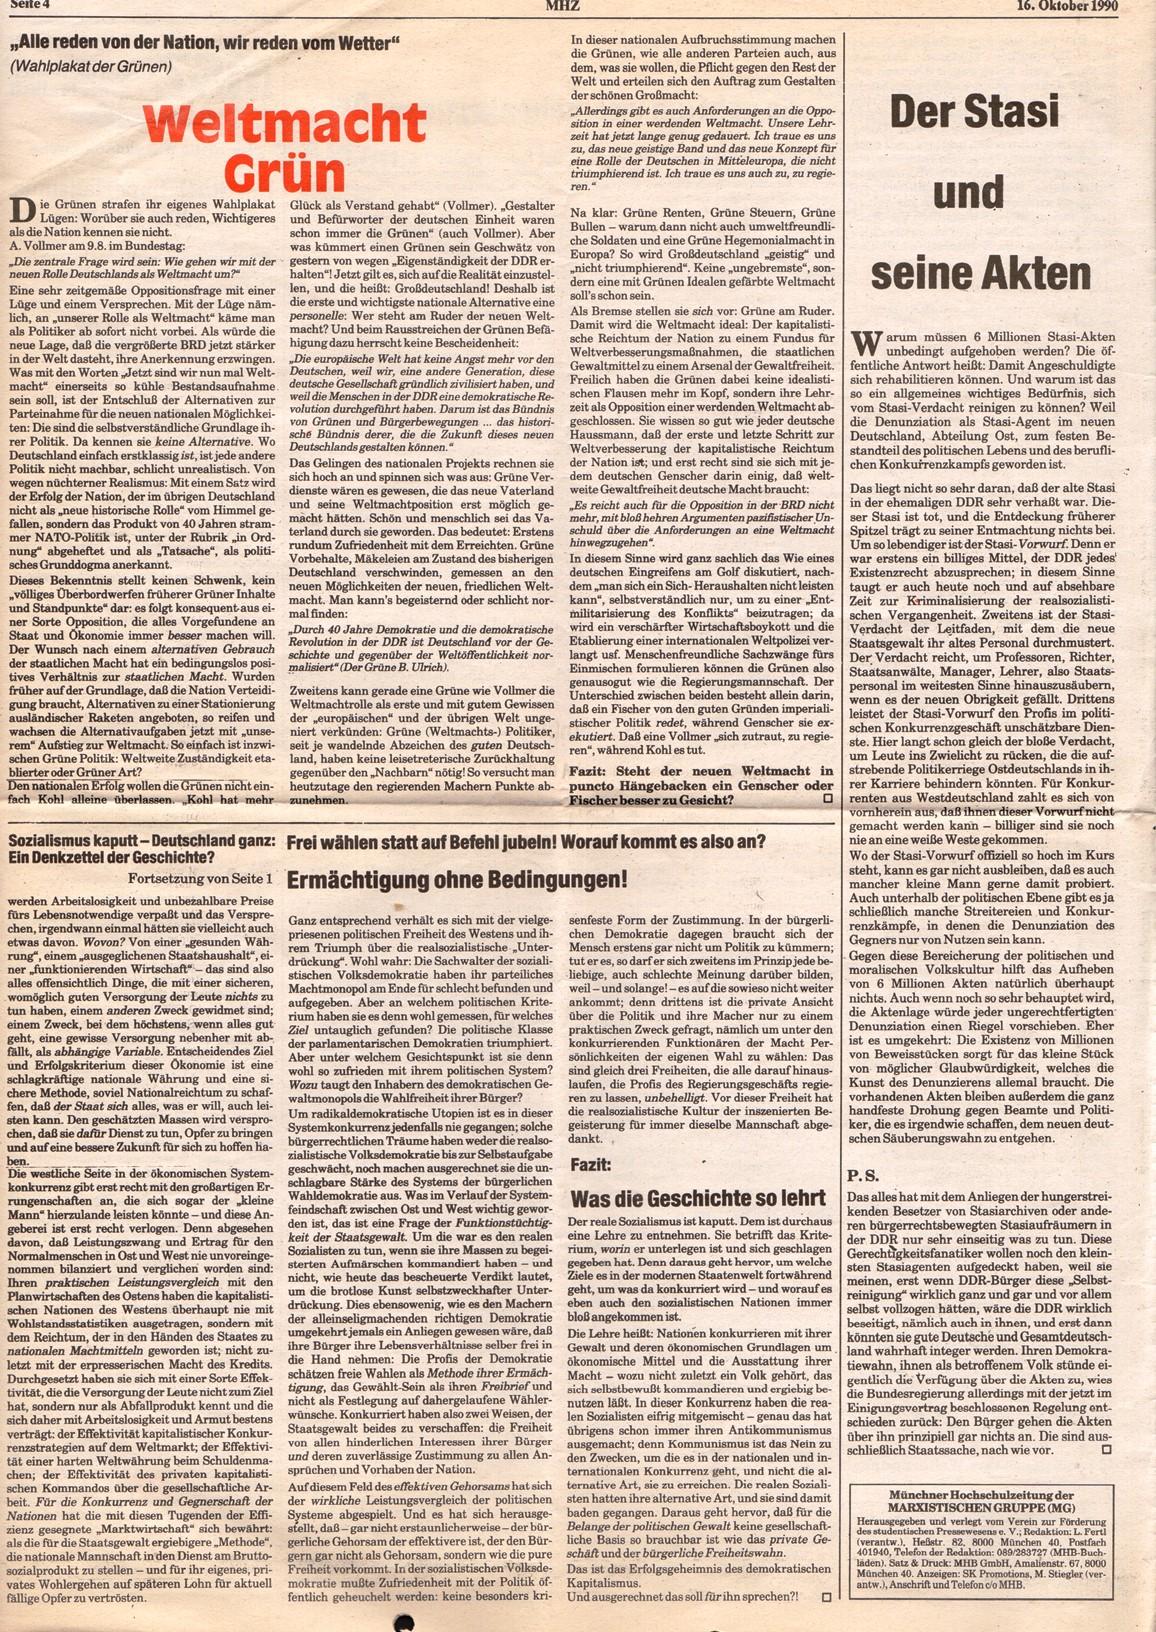 Muenchen_MG_Hochschulzeitung_19901016_04